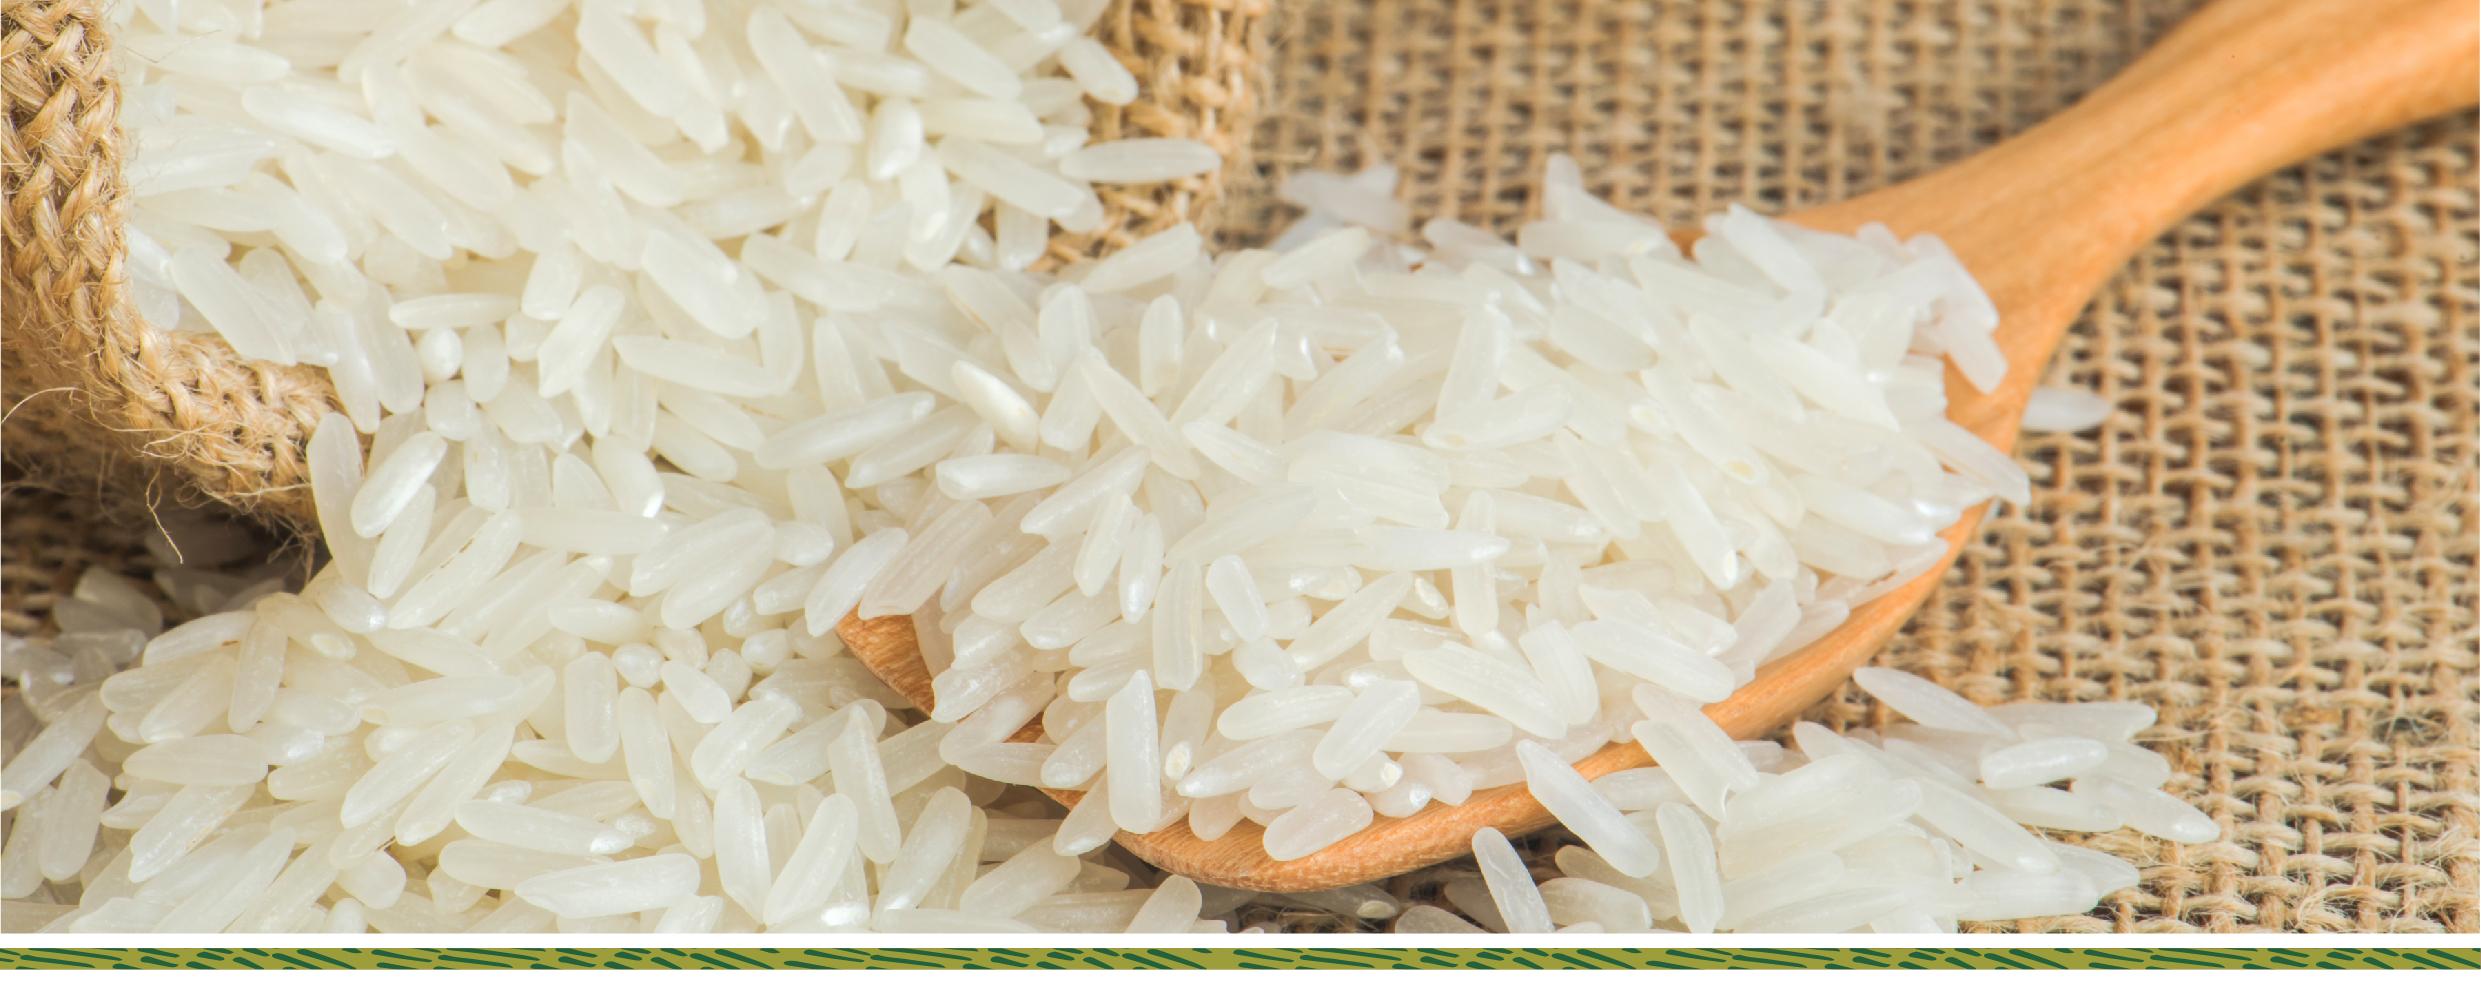 Kinh doanh gạo sạch quá dễ: không cần nhập hàng và kho bãi tin-tuc